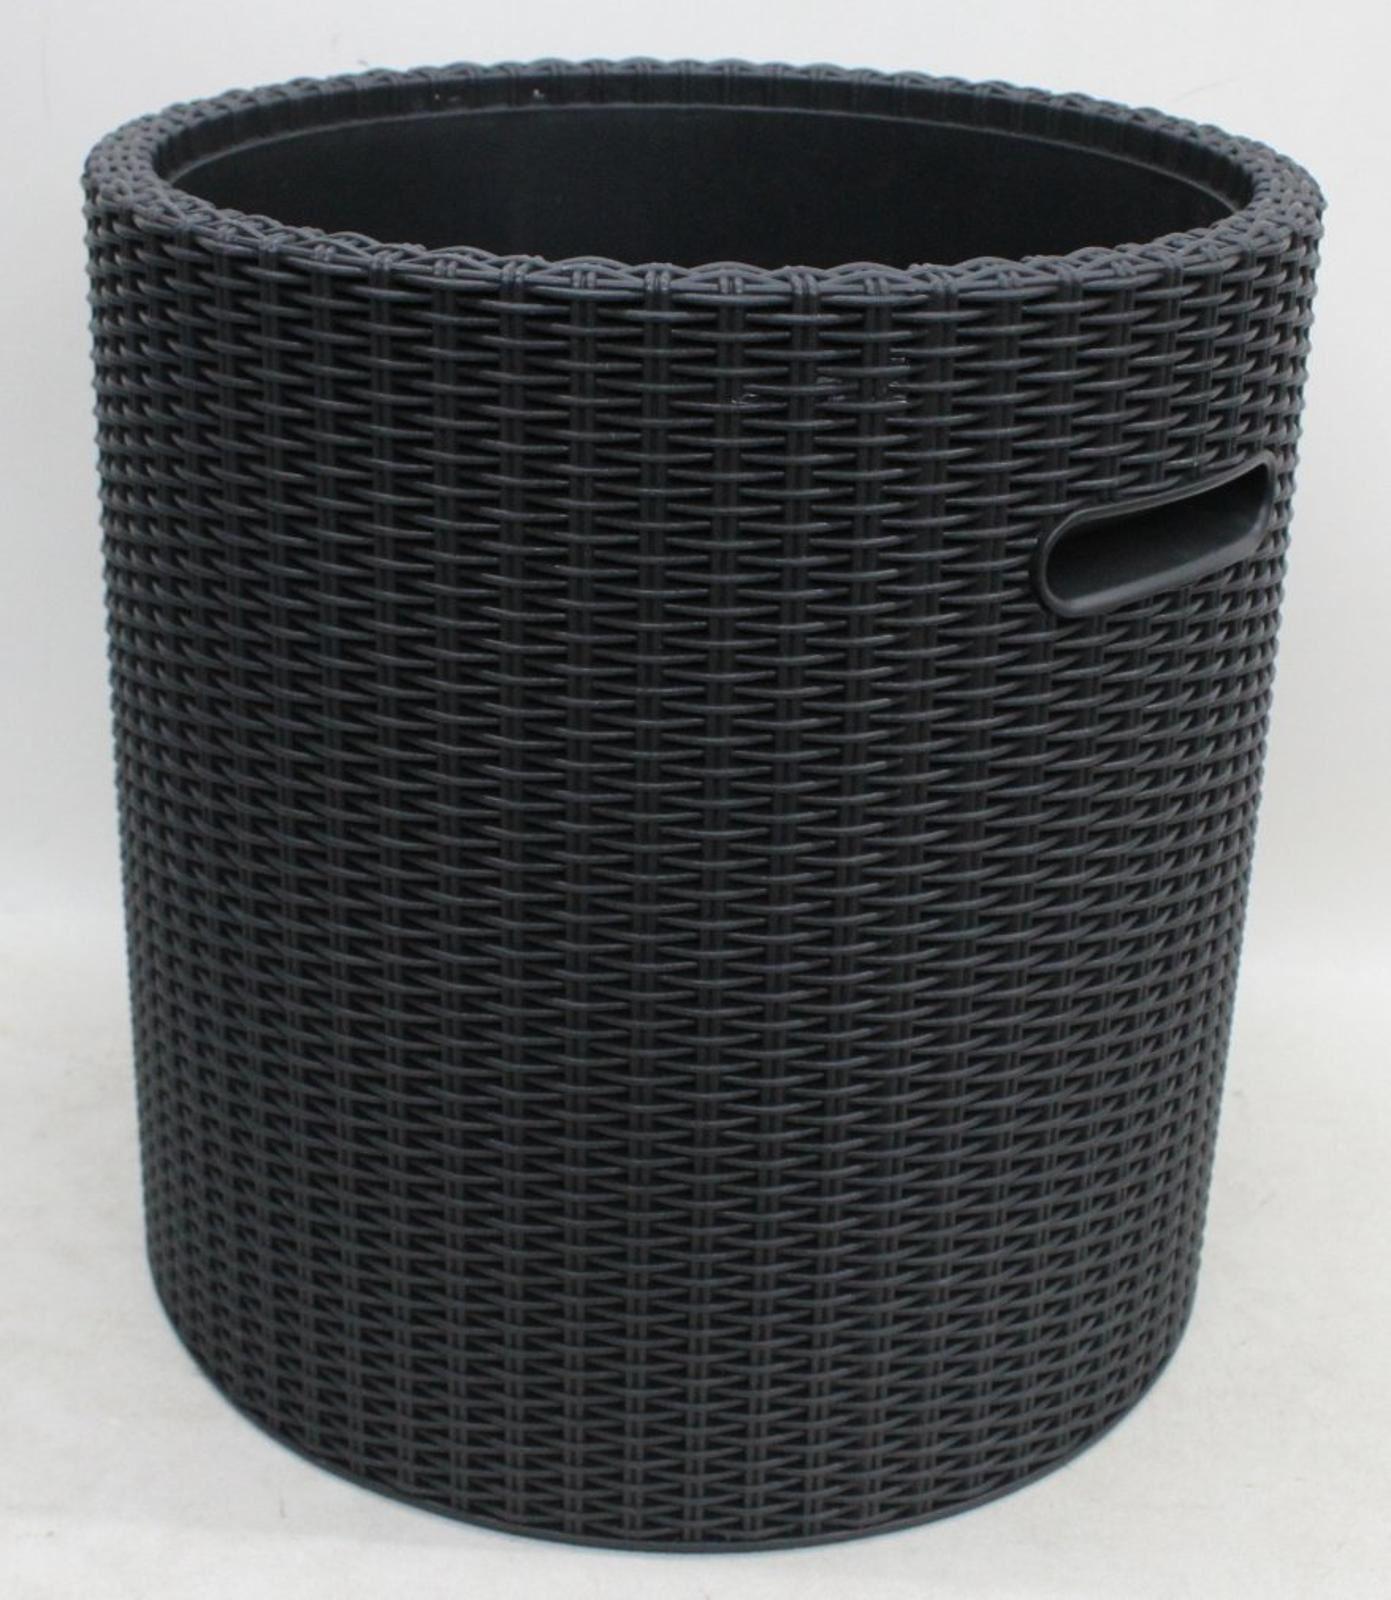 Keter Knit Cool Tabouret Outdoor 39 L Bar Ice Cooler mobilier de jardin-Beige